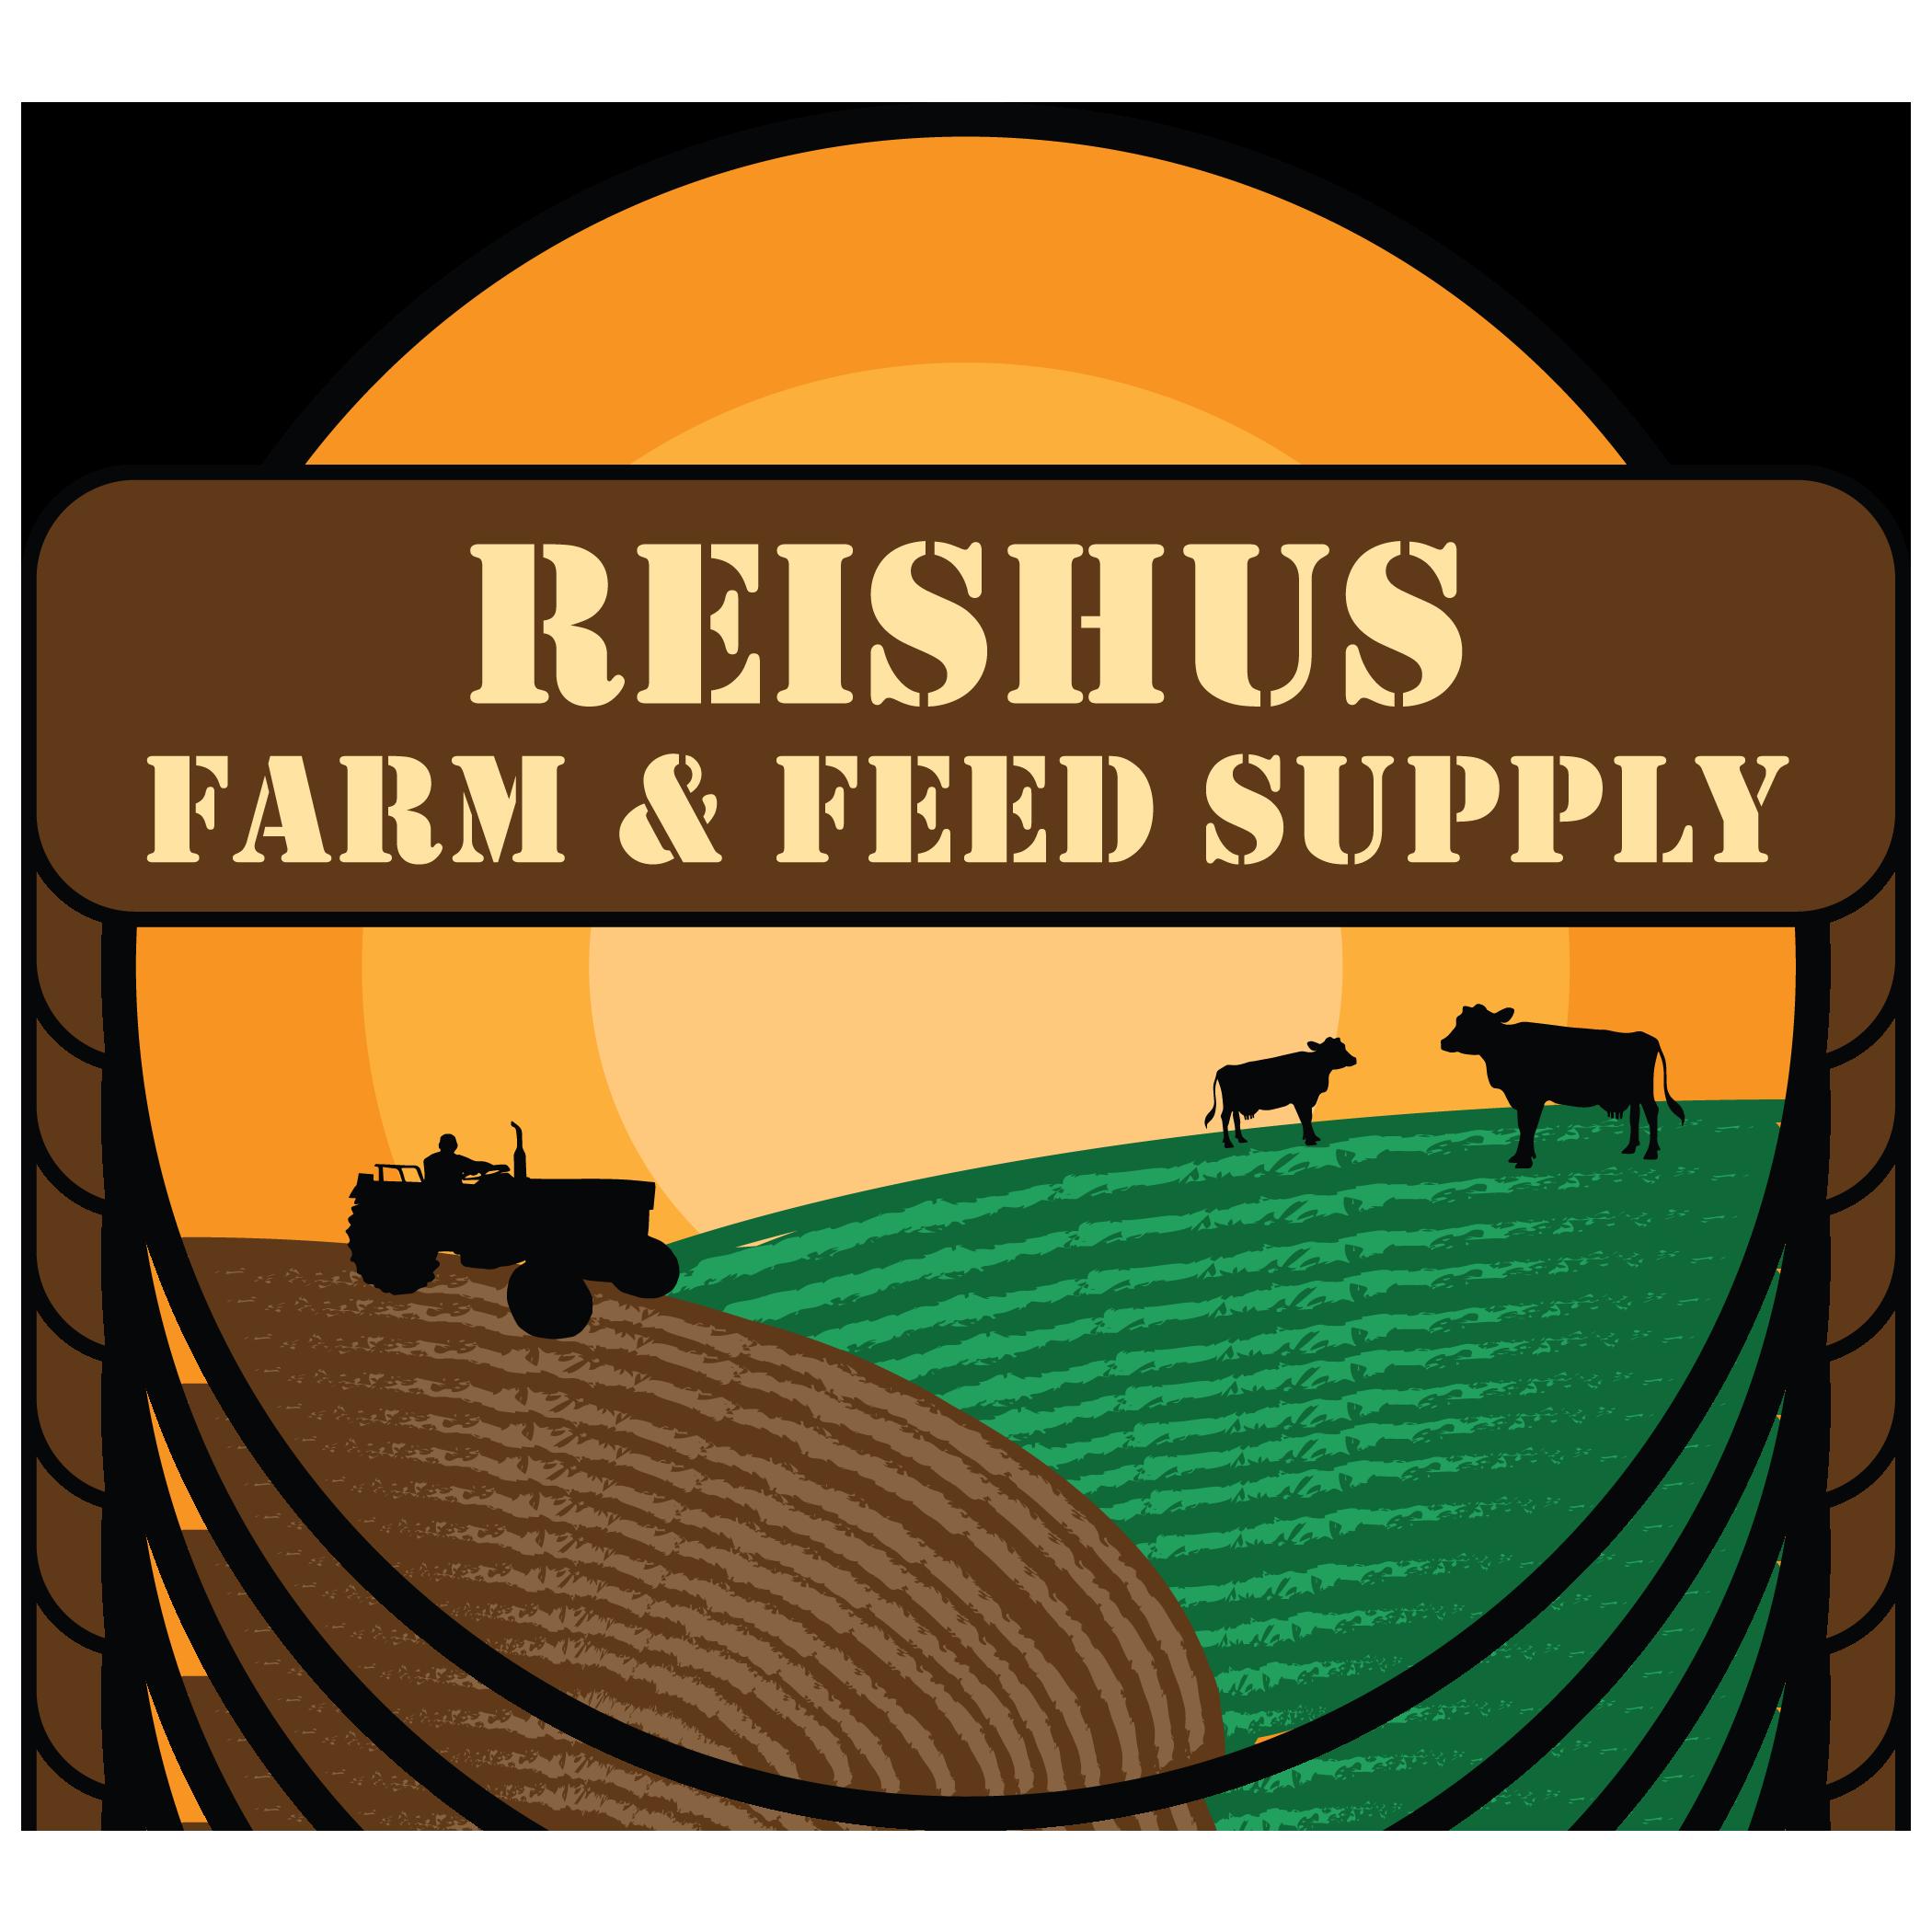 Reishus Farm & Feed